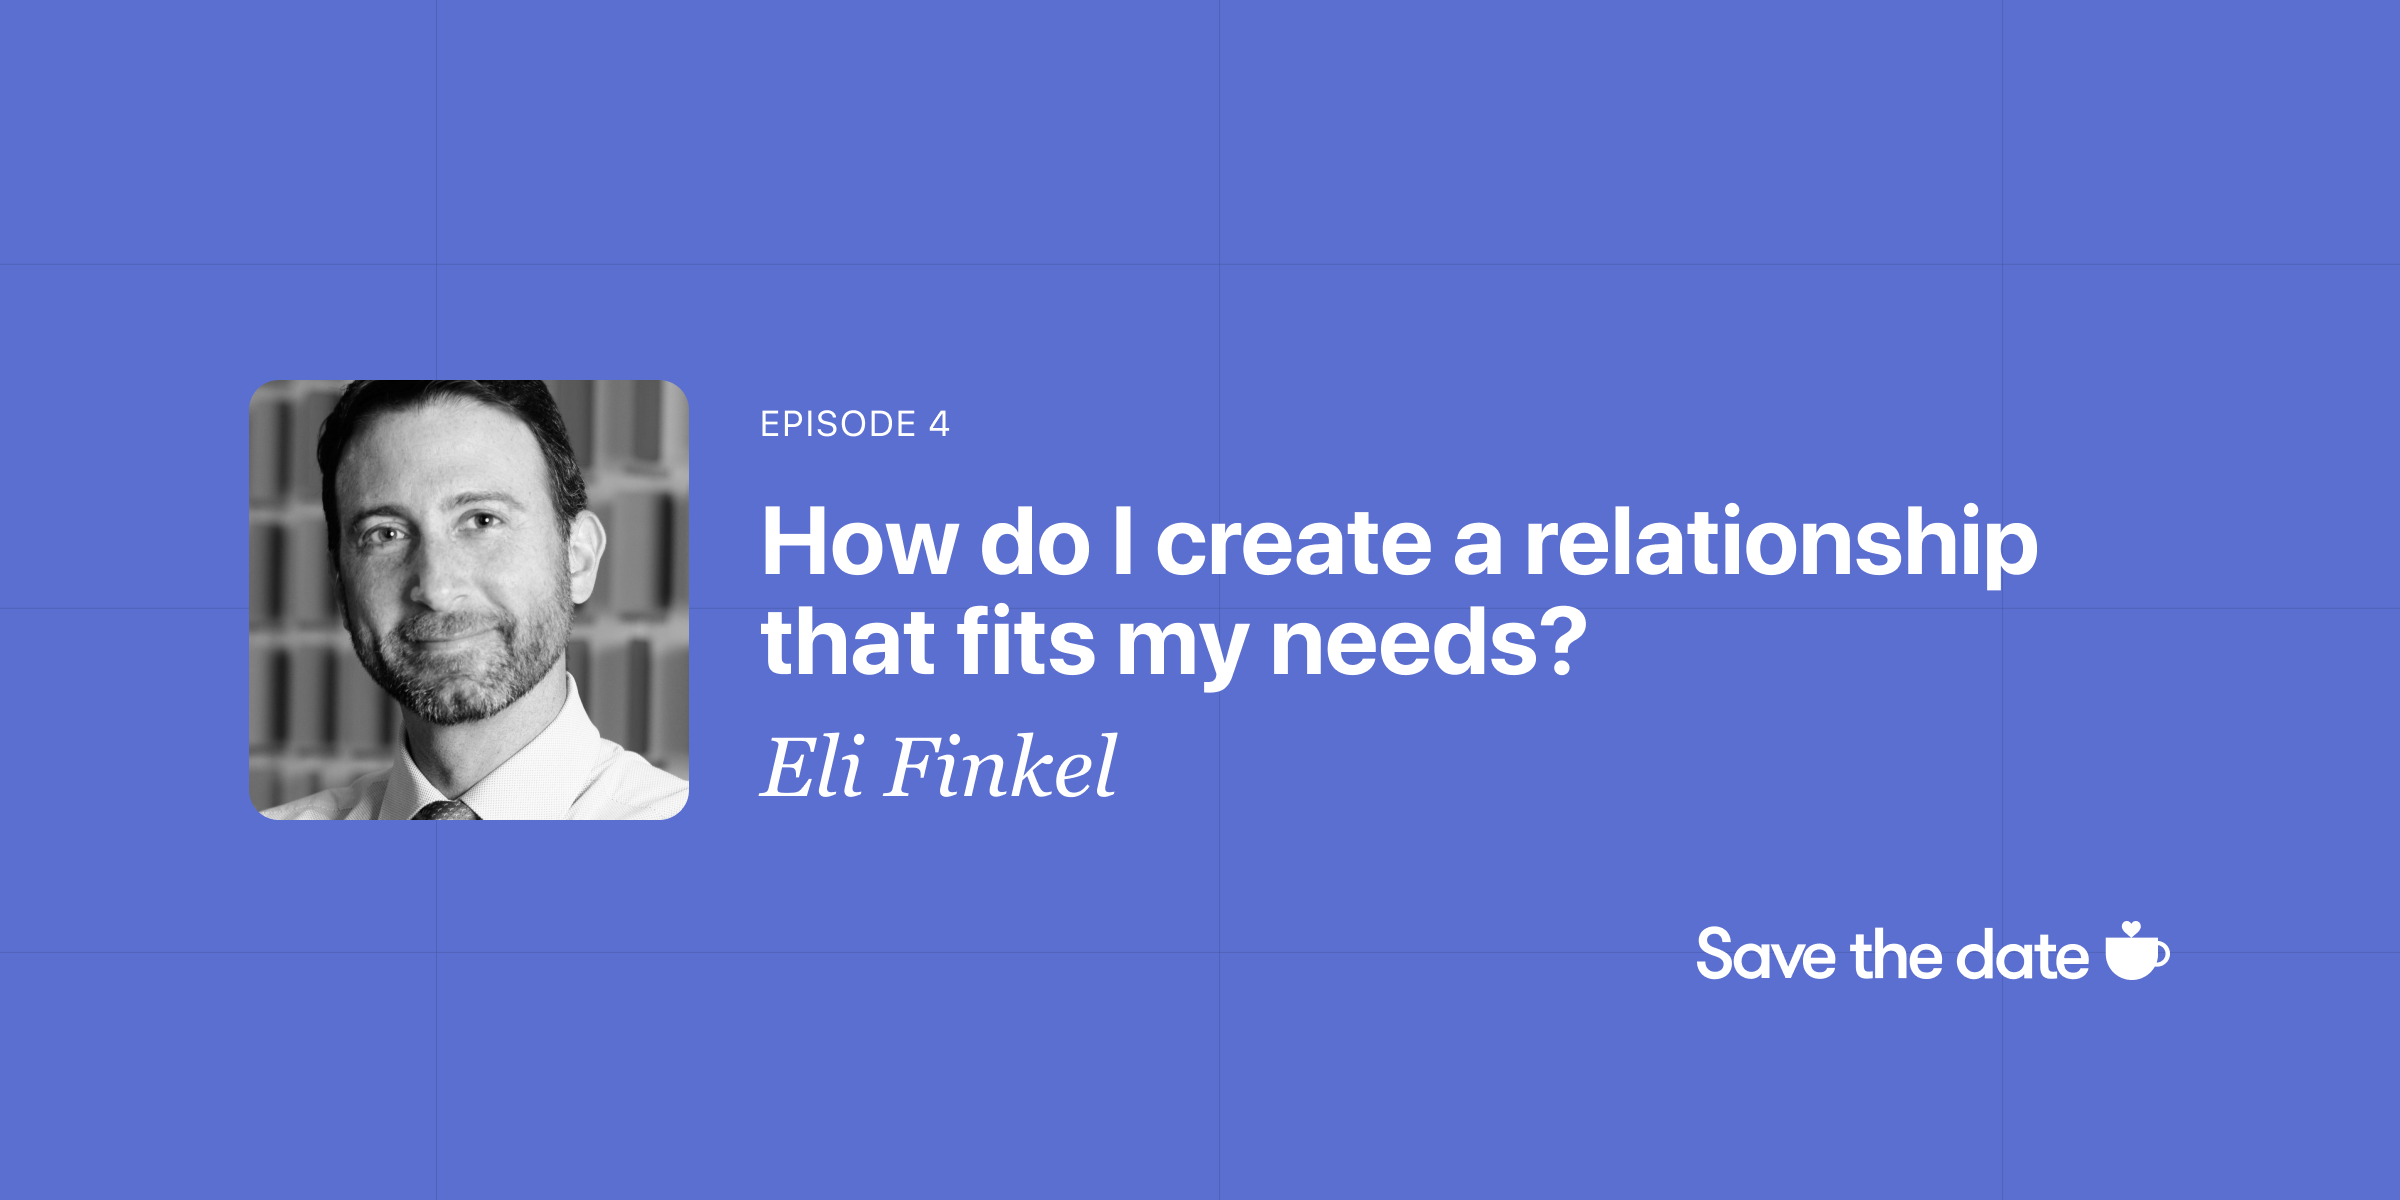 Eli Finkel, Episode 4